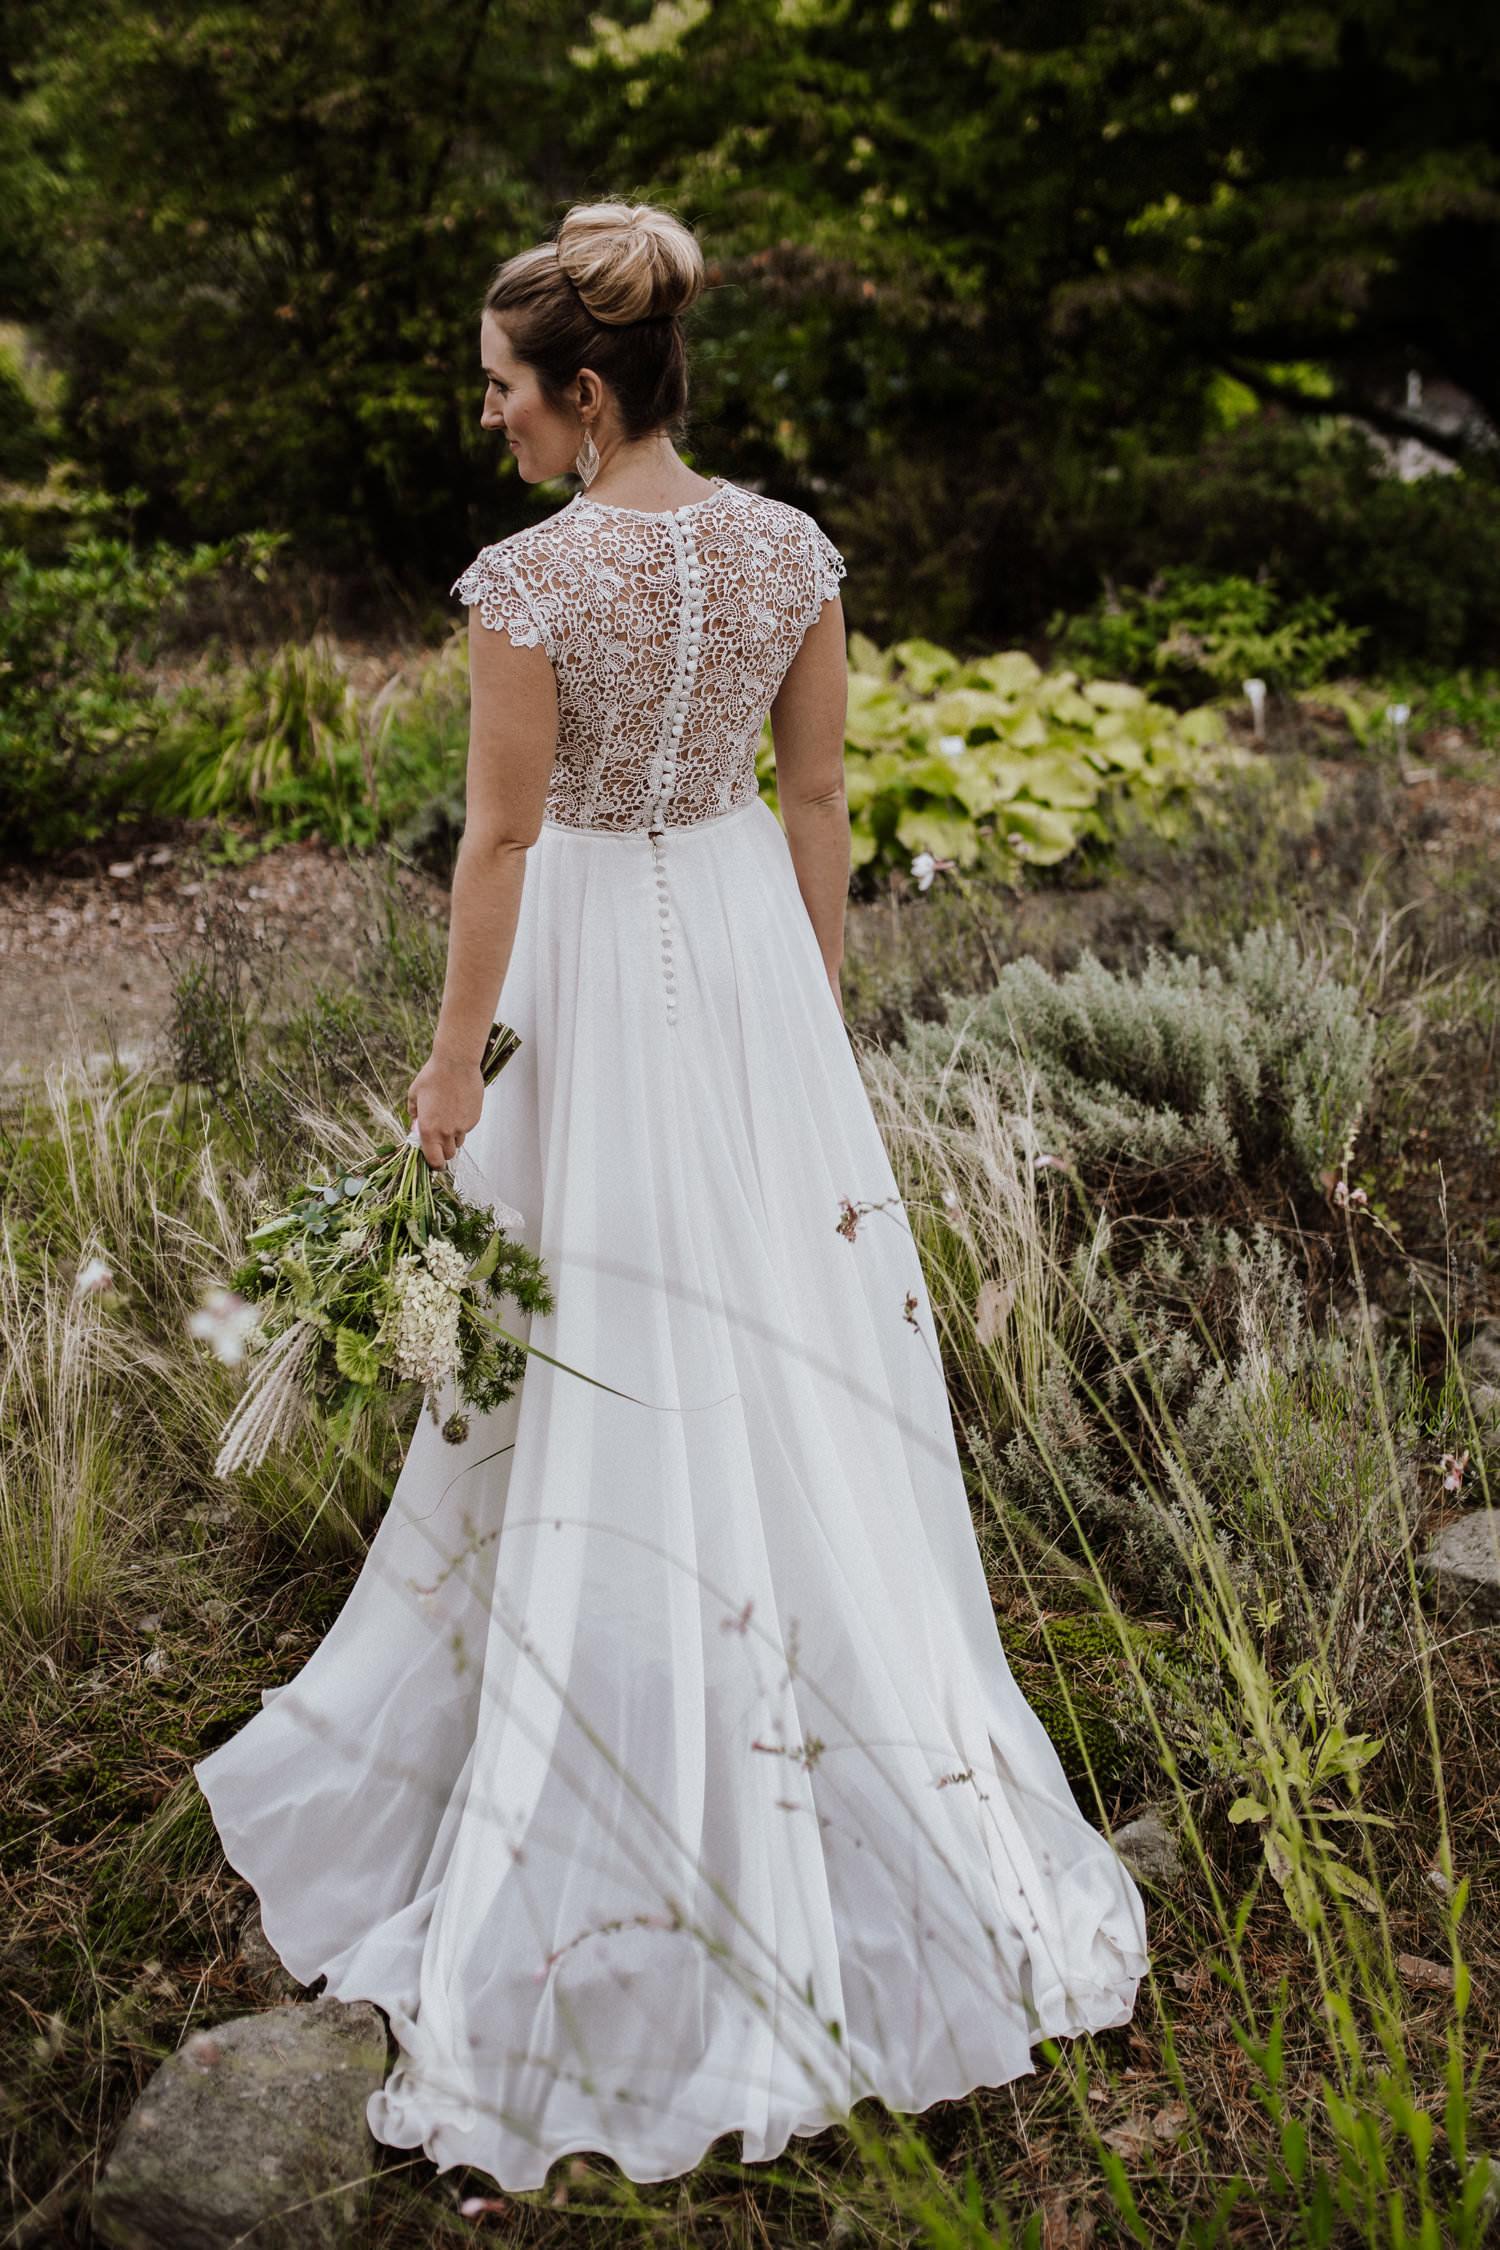 Brautkleid-mit-Ärmel-Carlotta-Claudia-Heller-Koeln-2